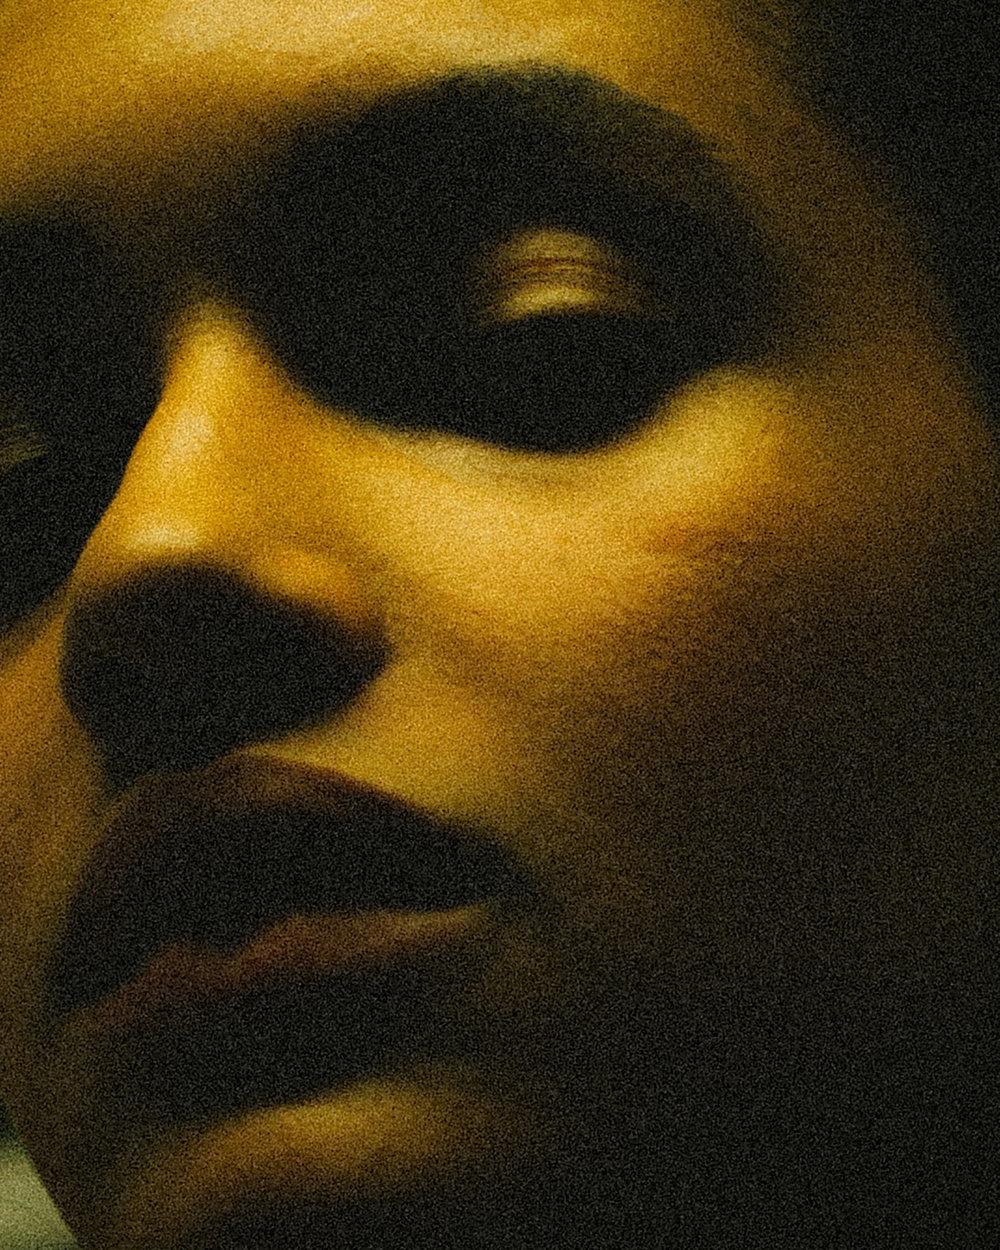 Mehdi_Lacoste-01-coeval.jpg